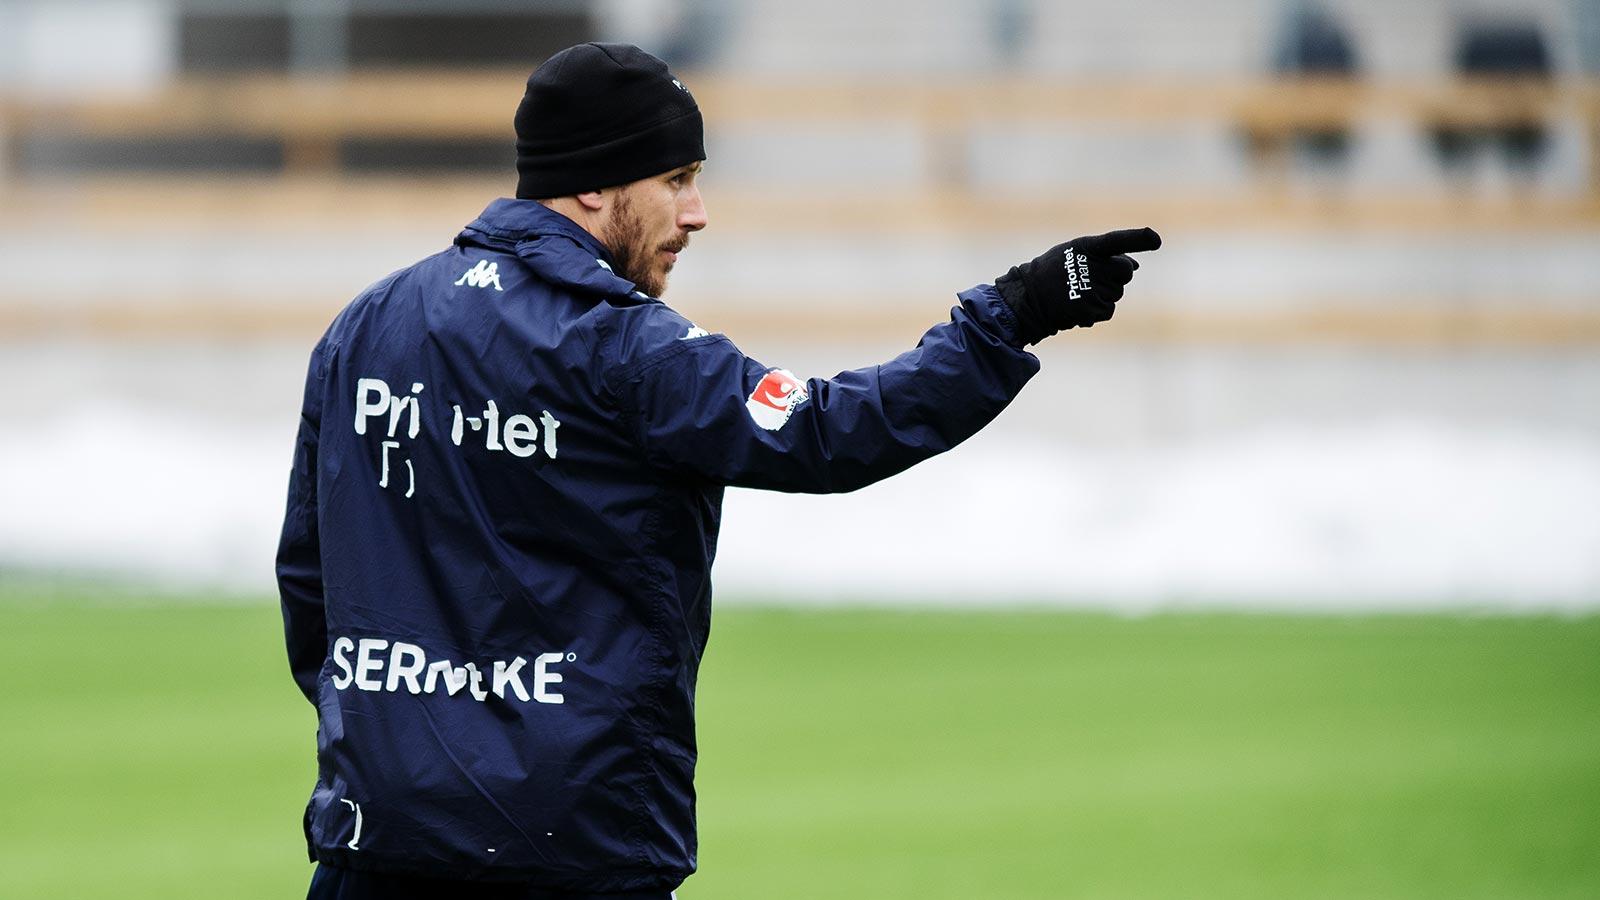 180309 Tobias Hysén pekar under en träning med det allsvenska fotbollslaget IFK Göteborg den 9 mars 2018 i Göteborg.